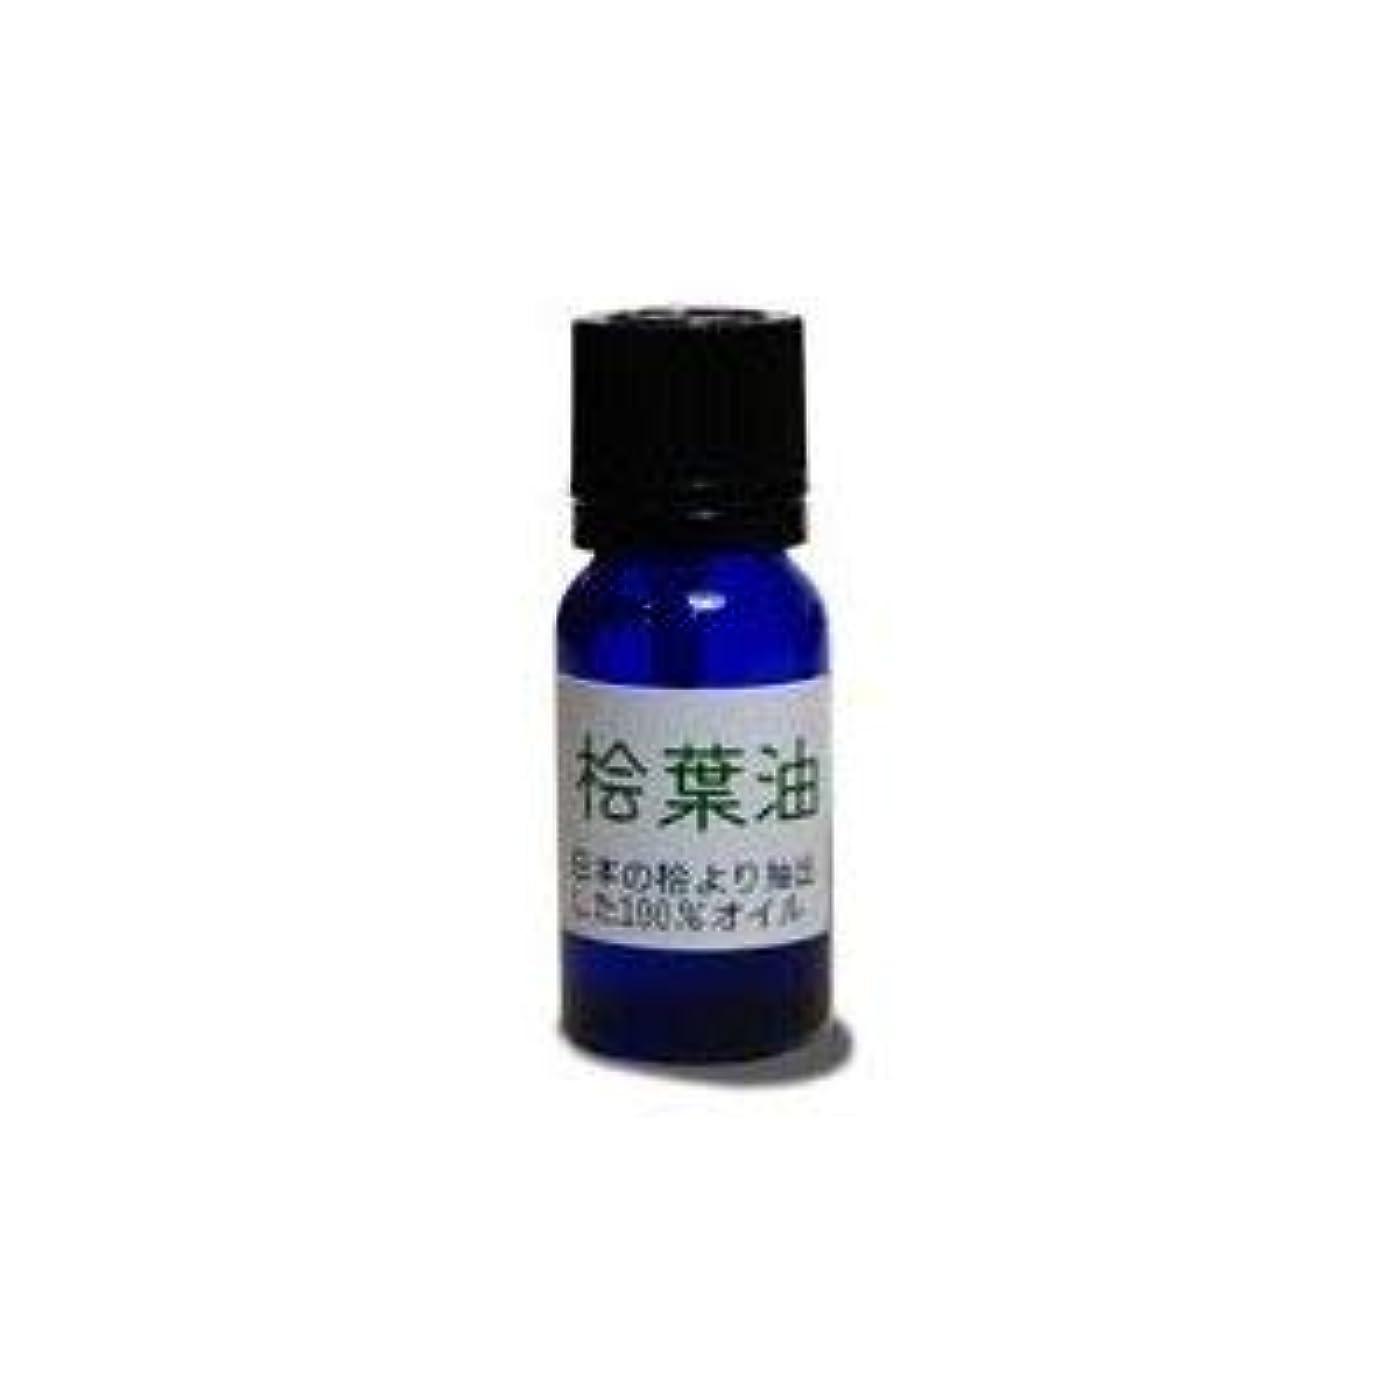 シャトルこの散髪ひのき葉オイル (希少なひのきの「葉」から抽出した100%天然のヒノキ葉オイル)5ml アロマ、お部屋やお車の芳香剤、お風呂の入浴剤にhinoki oil 桧葉油